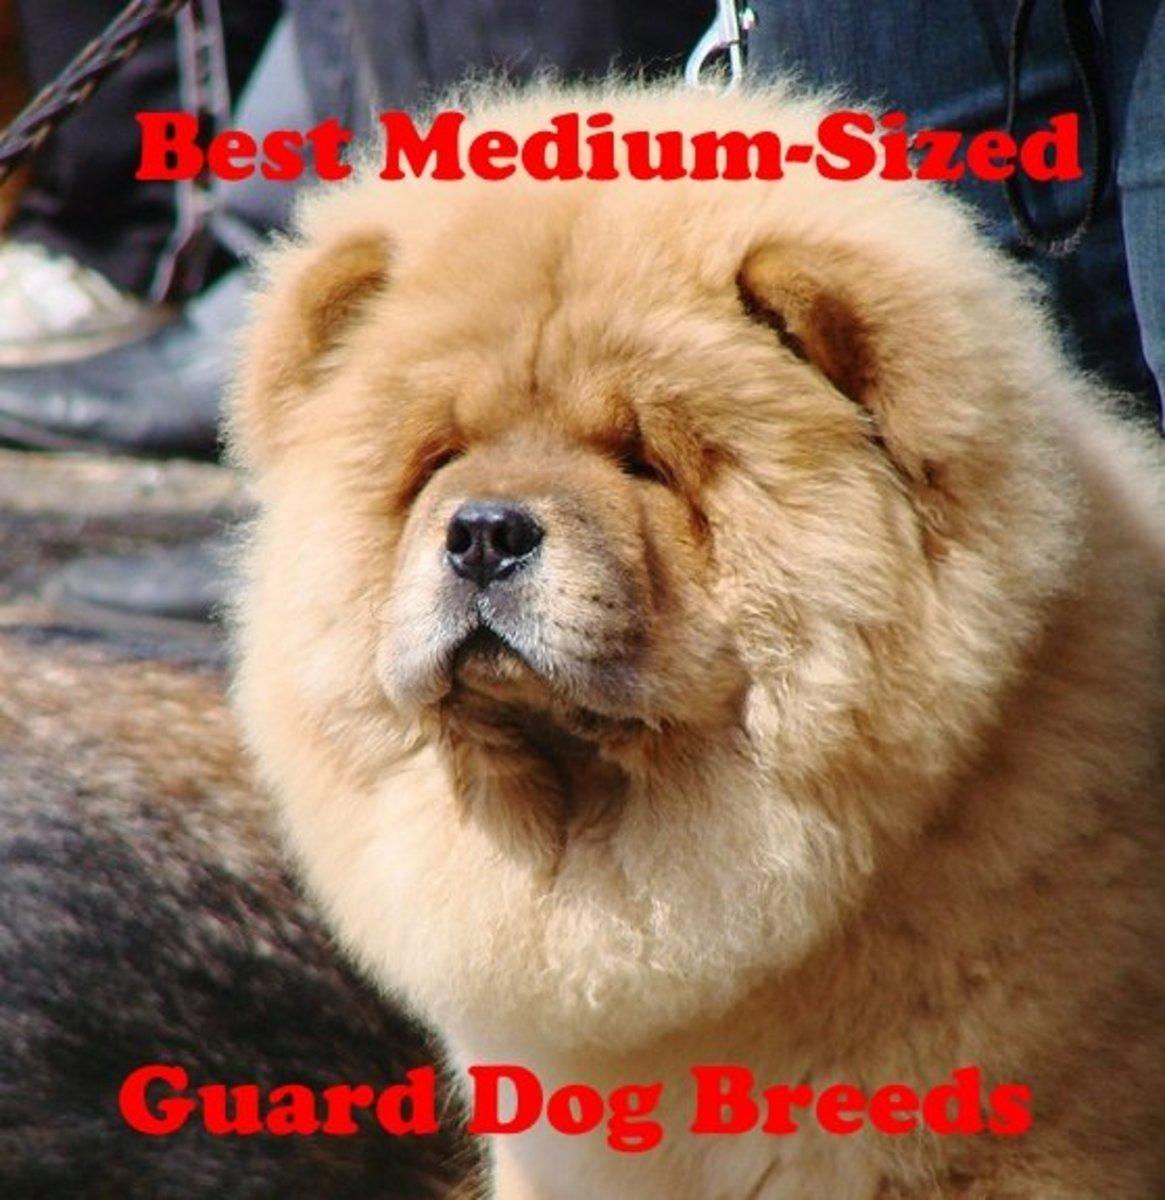 Many medium-sized dog breeds make good guard dogs.